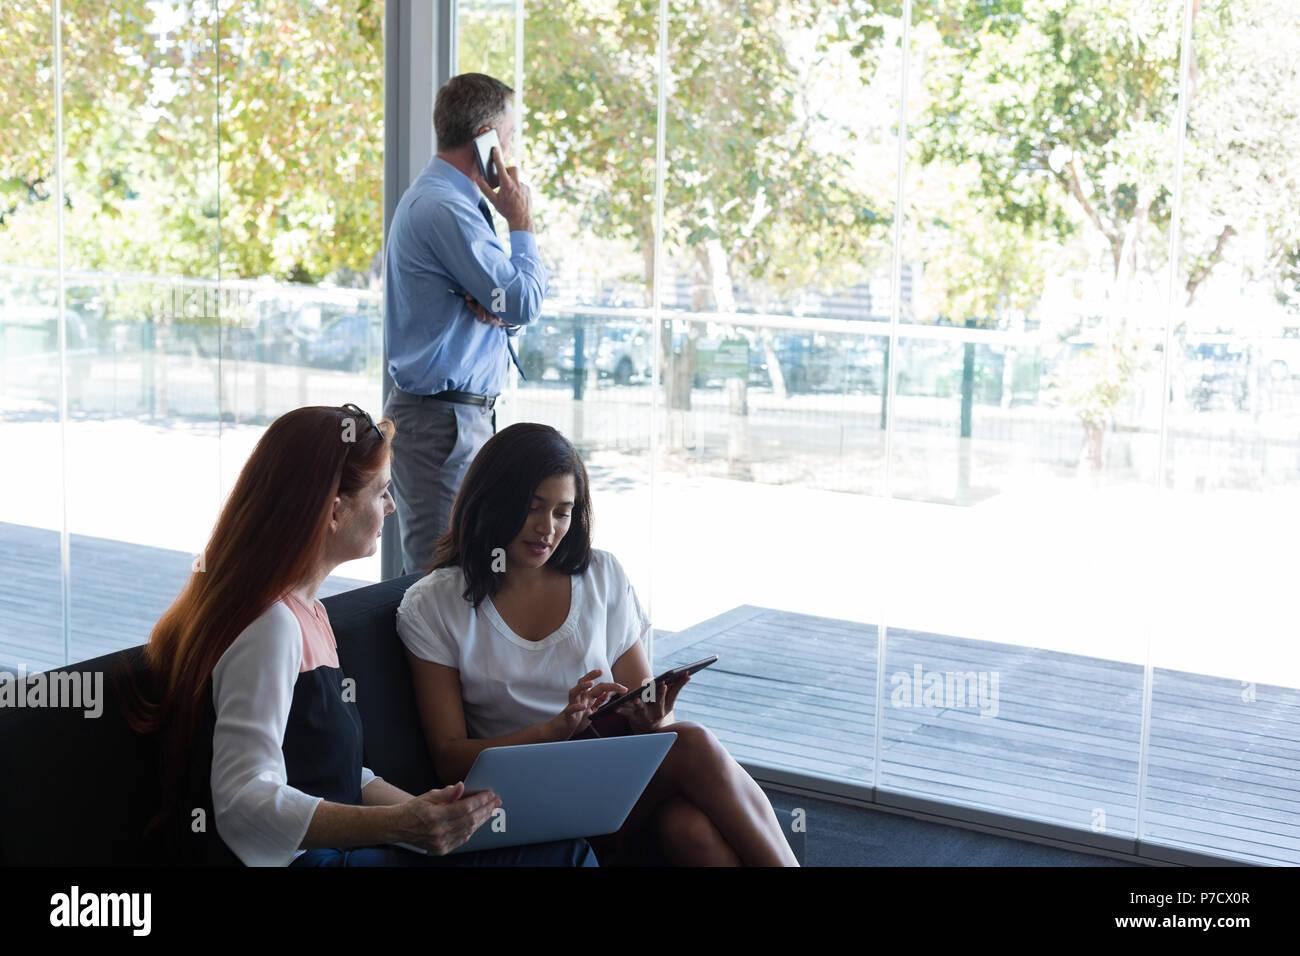 Les femmes cadres discutant sur ordinateur portable et tablette numérique Banque D'Images